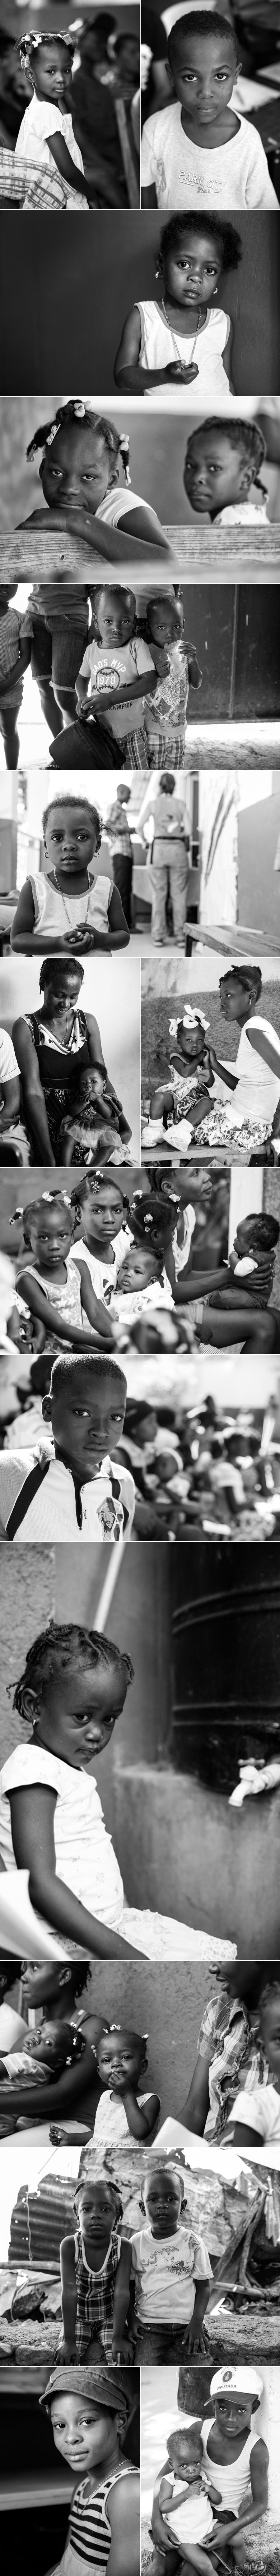 Haiti_Children_Waiting